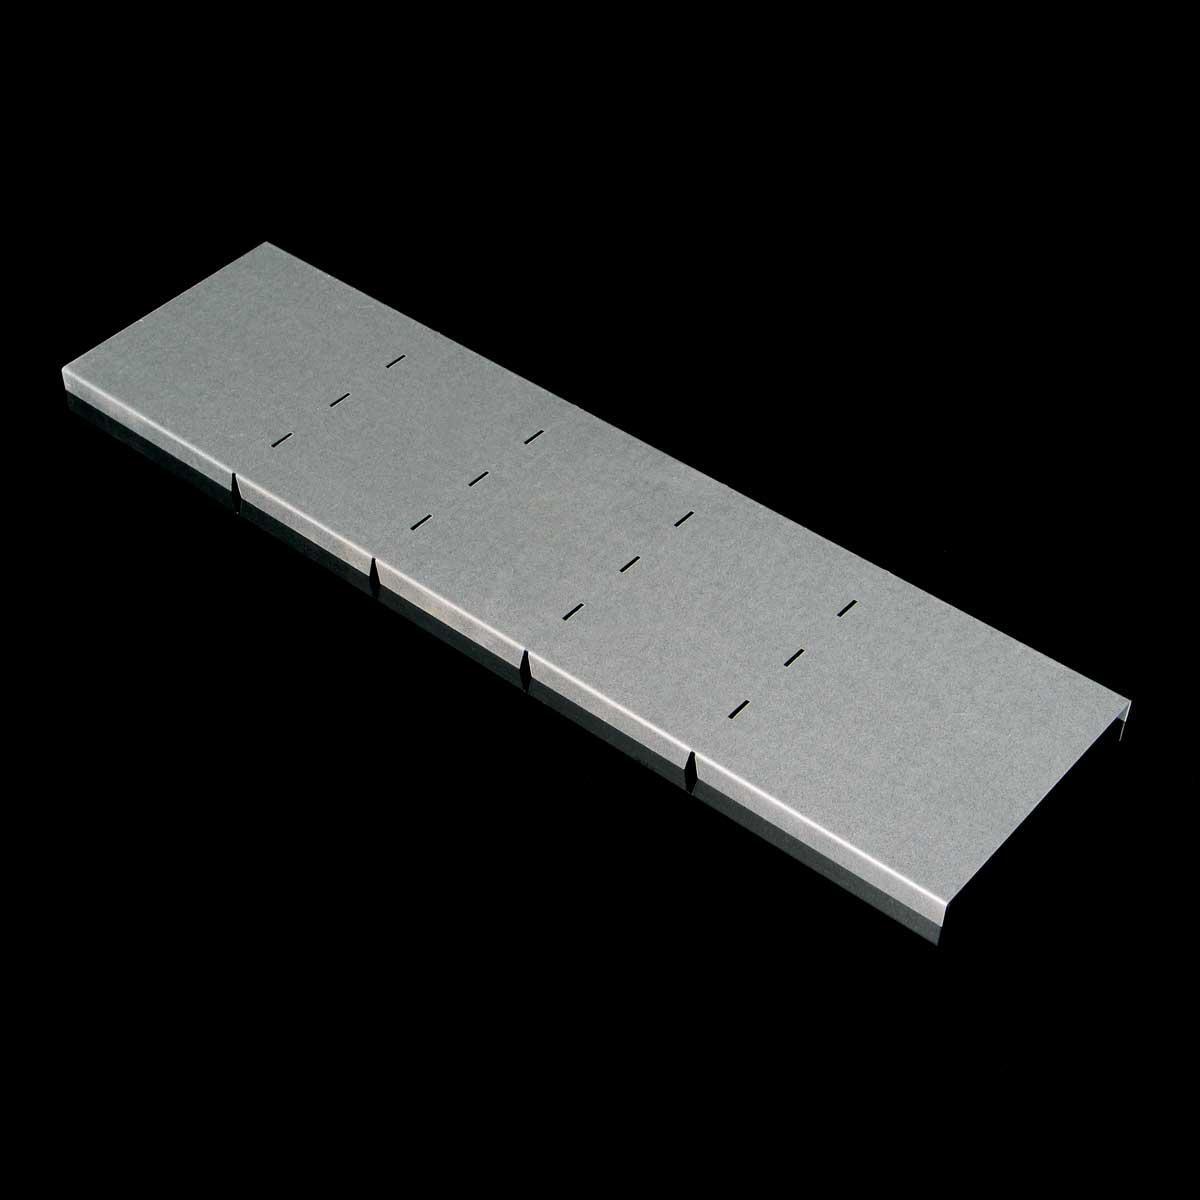 Кришка вертикального повороту зовнішнього 90° JUPITER; розміри-85x500x270mm Товщ. метал-1мм Вага-1,95кг/м